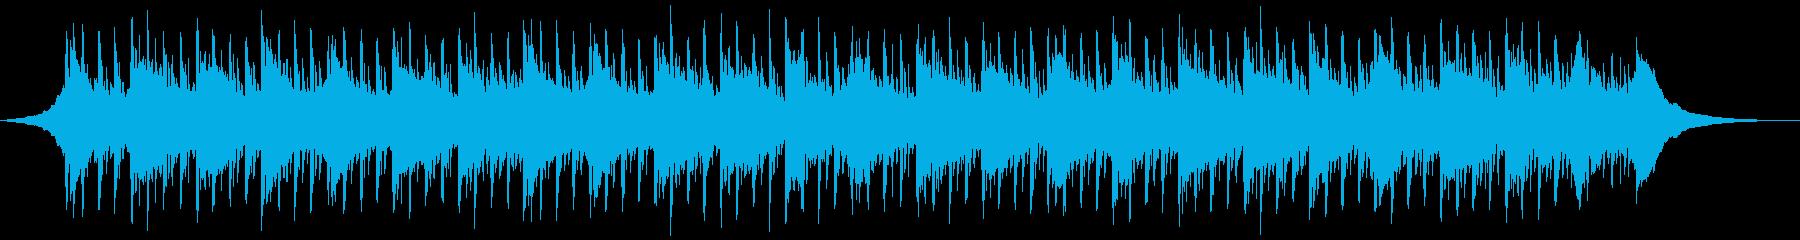 健康と医学(60秒)の再生済みの波形